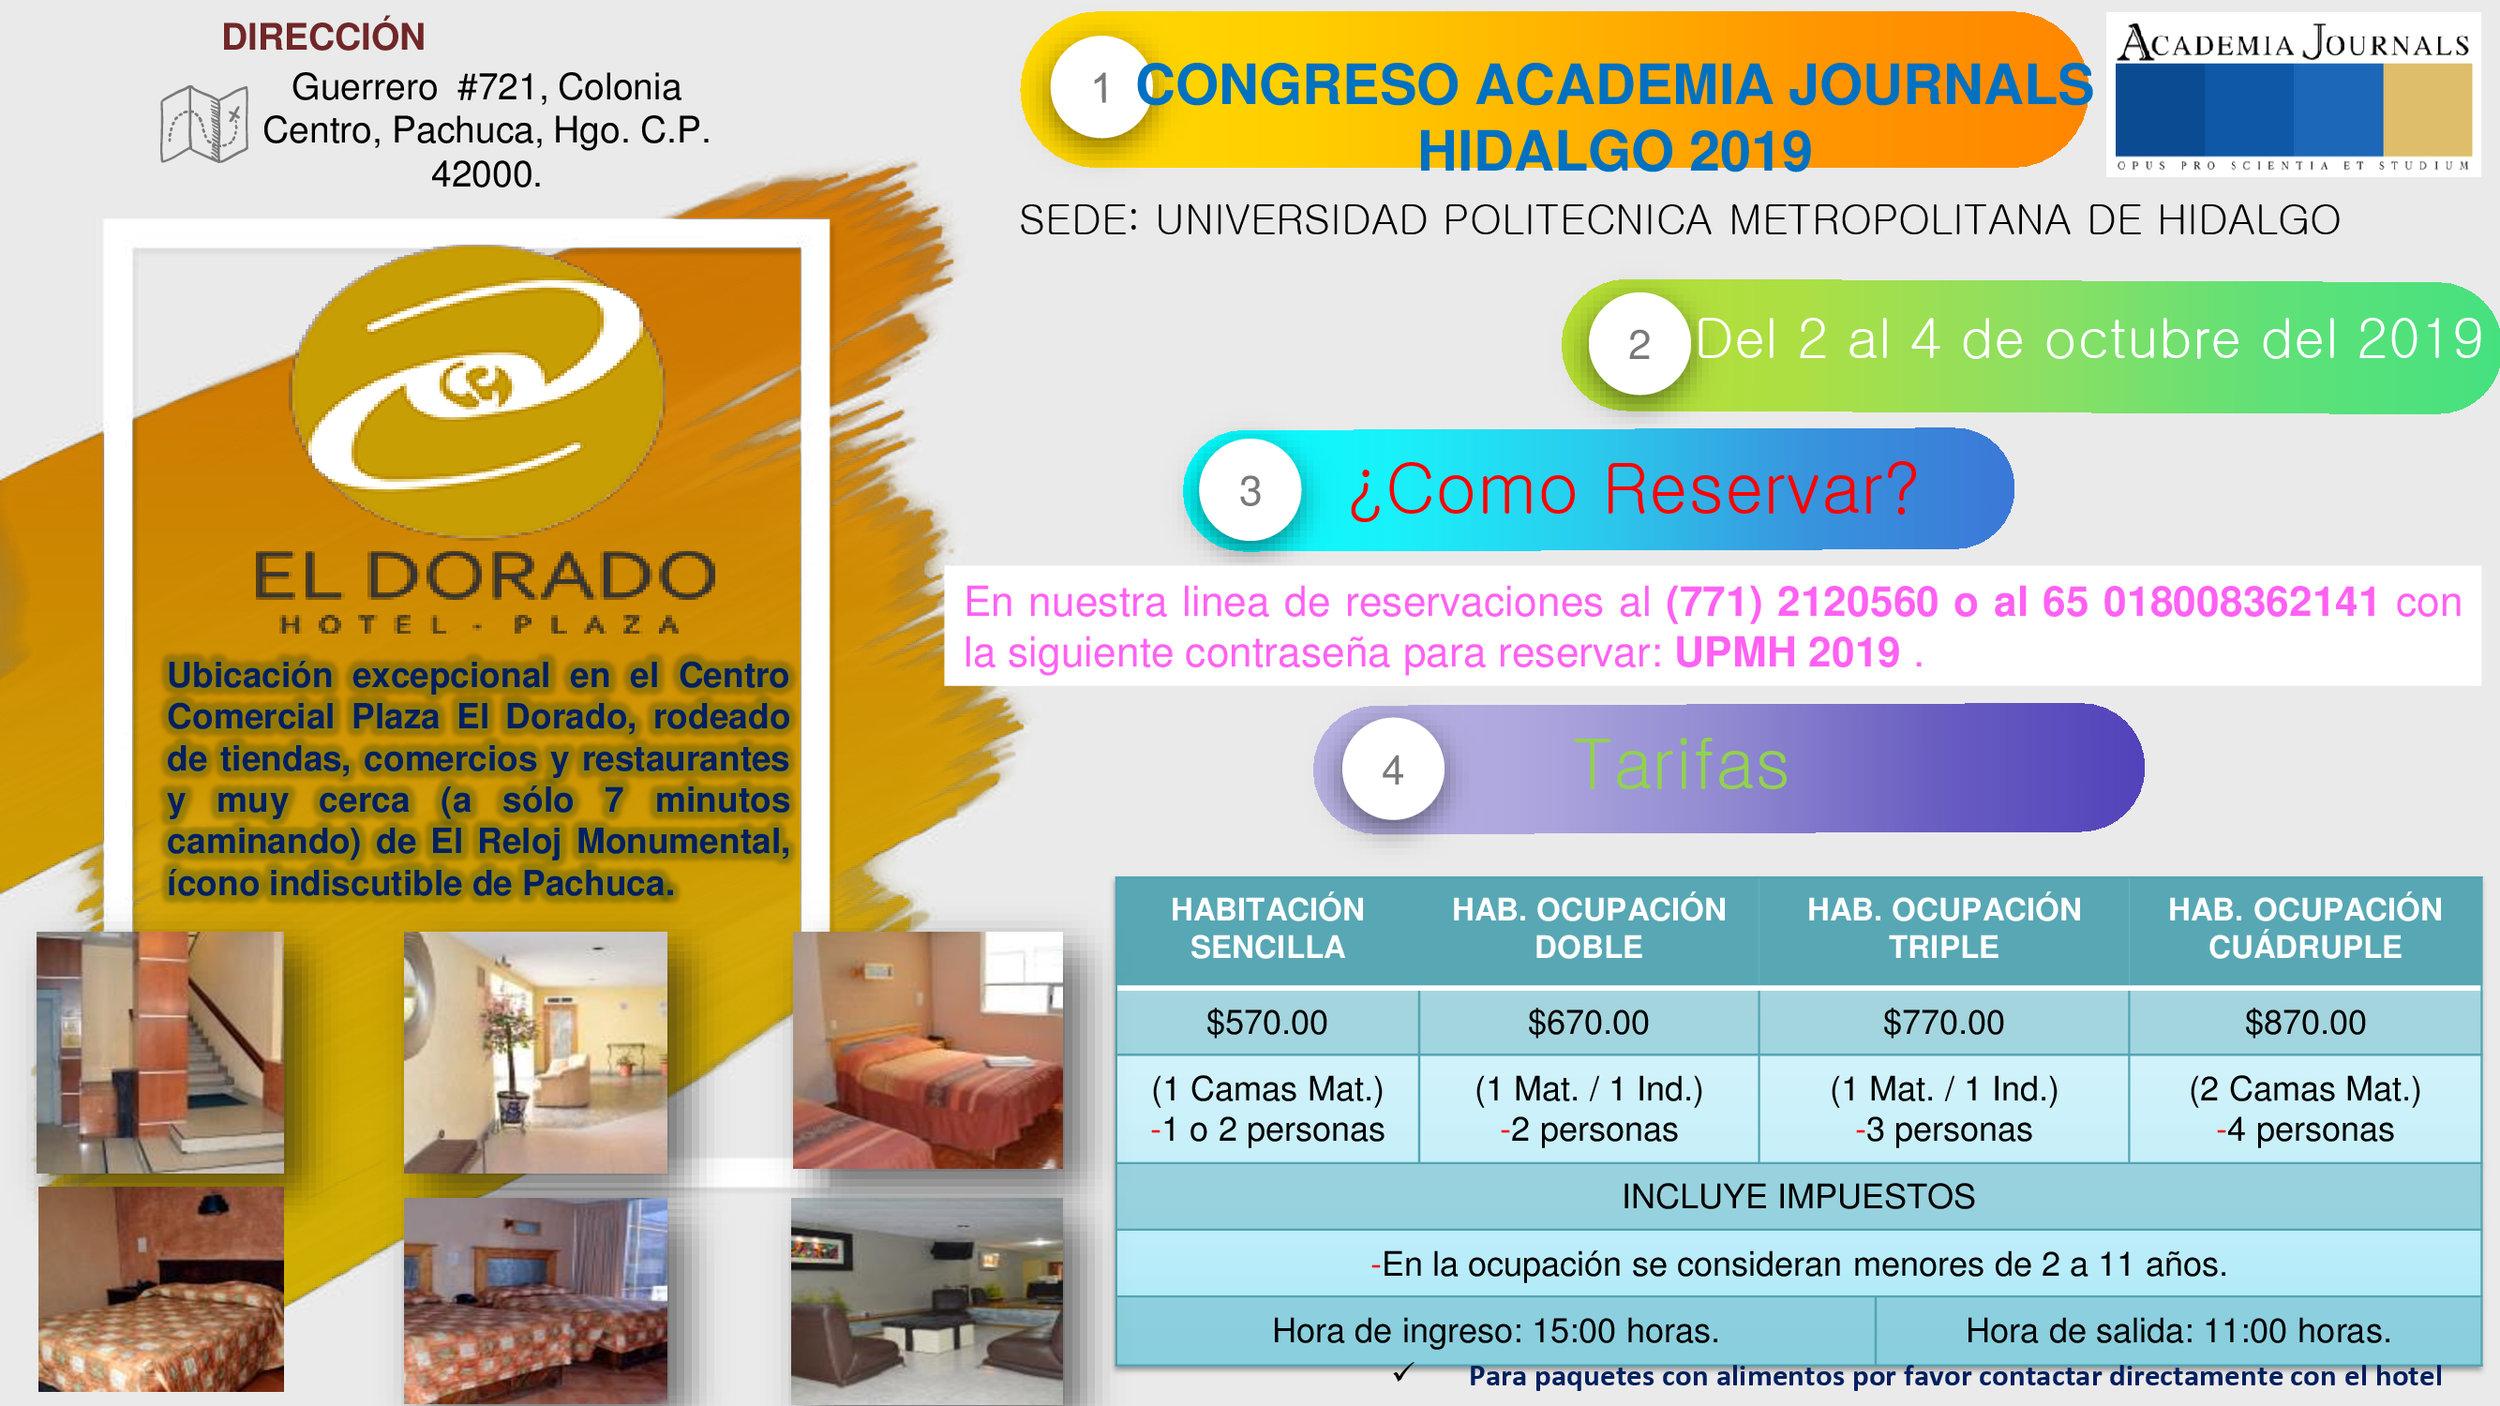 El Dorado Hotel - Plaza